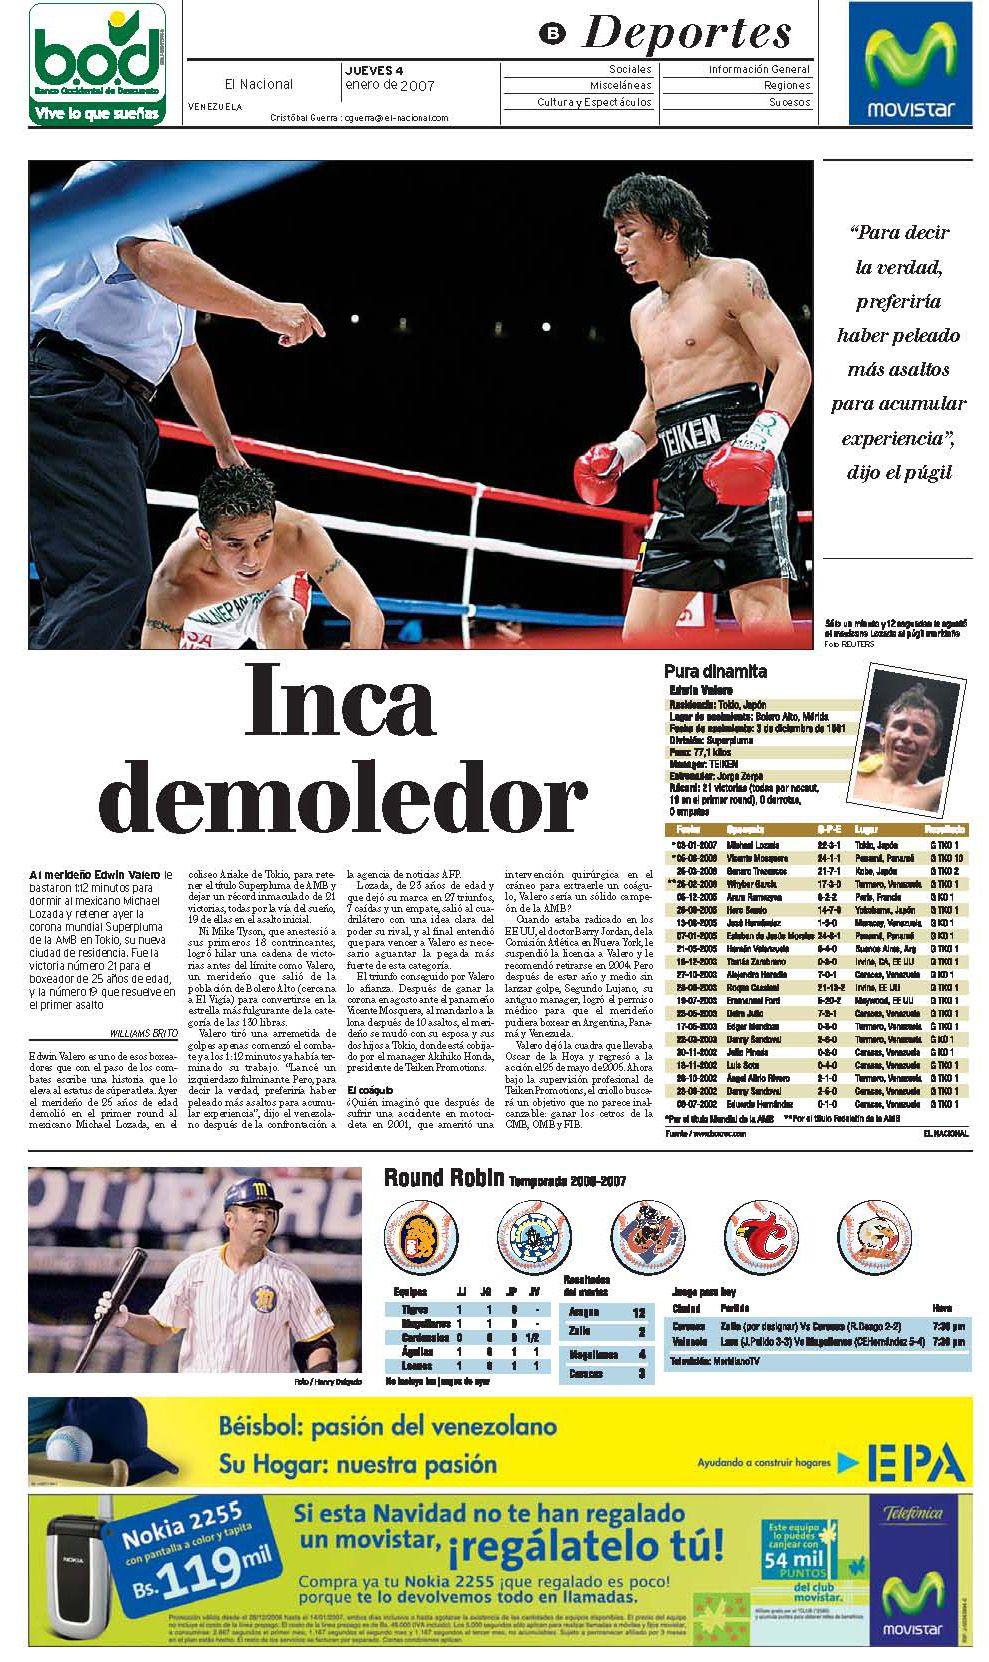 El 3 de enero de 2007, Edwin Valero defendió el título Superpluma de la Asociación Mundial de Boxeo